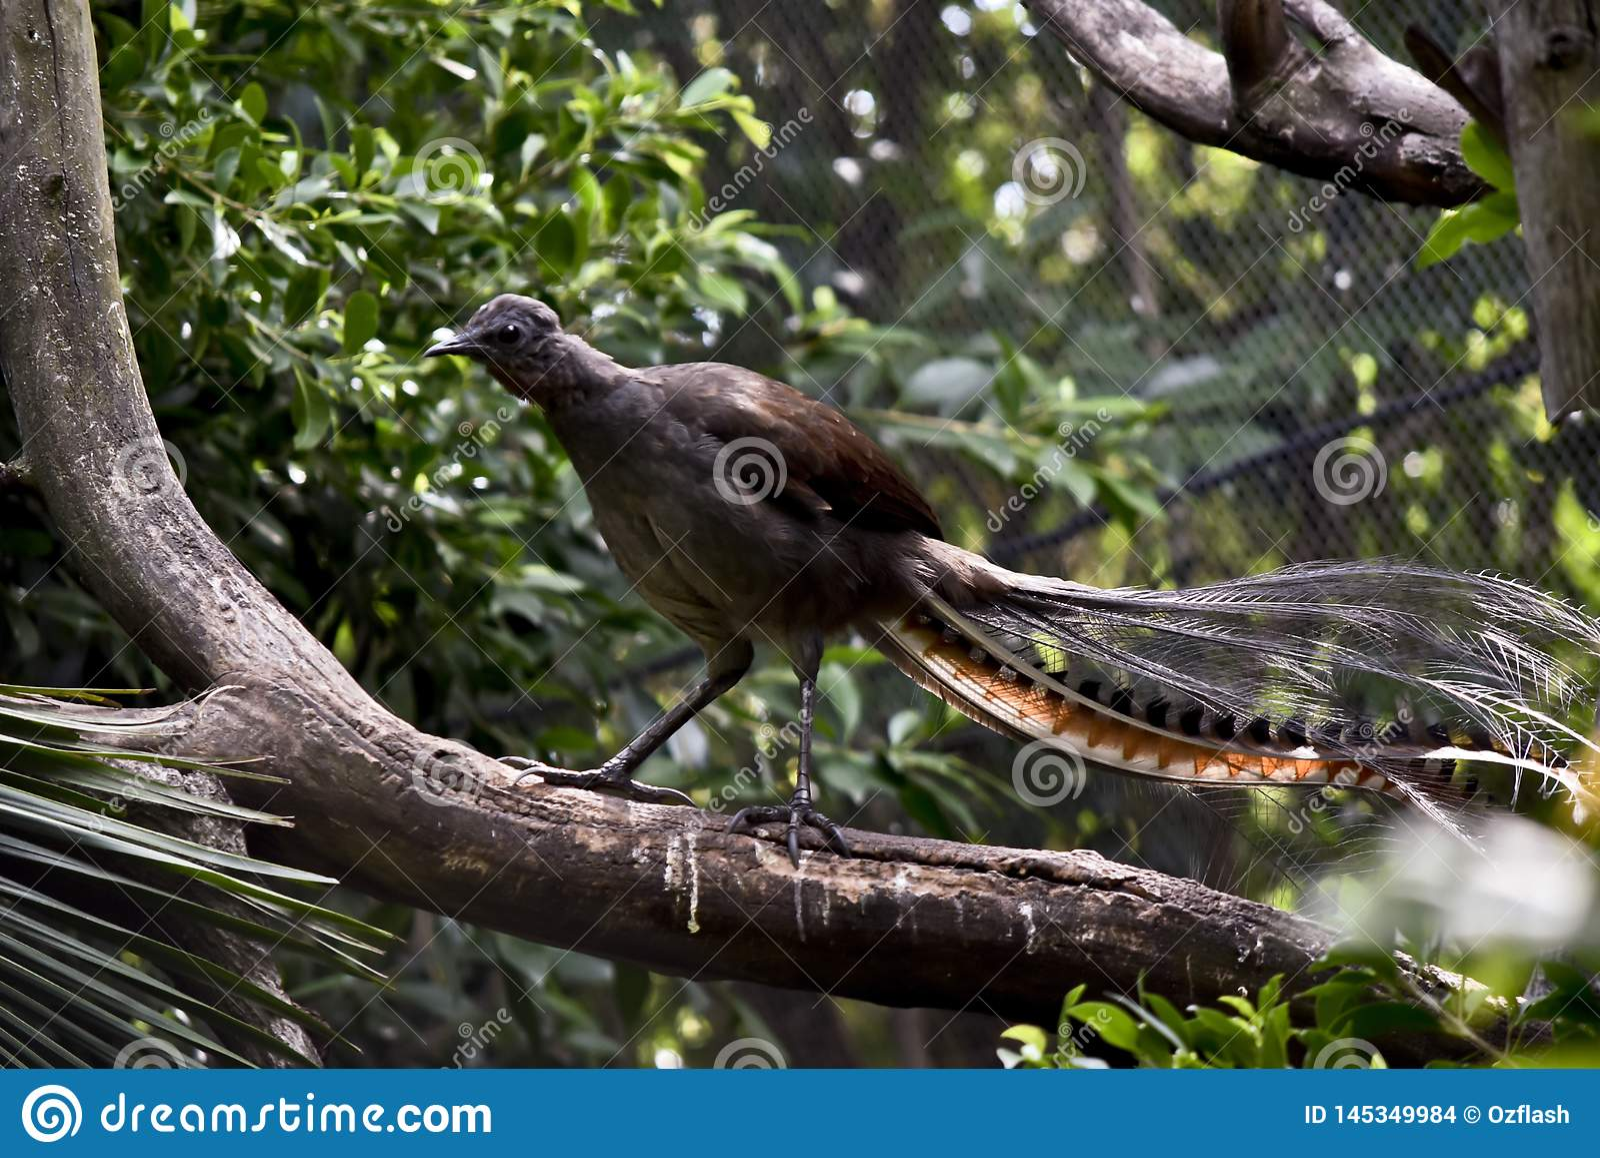 Un uccello della lira su un ramo